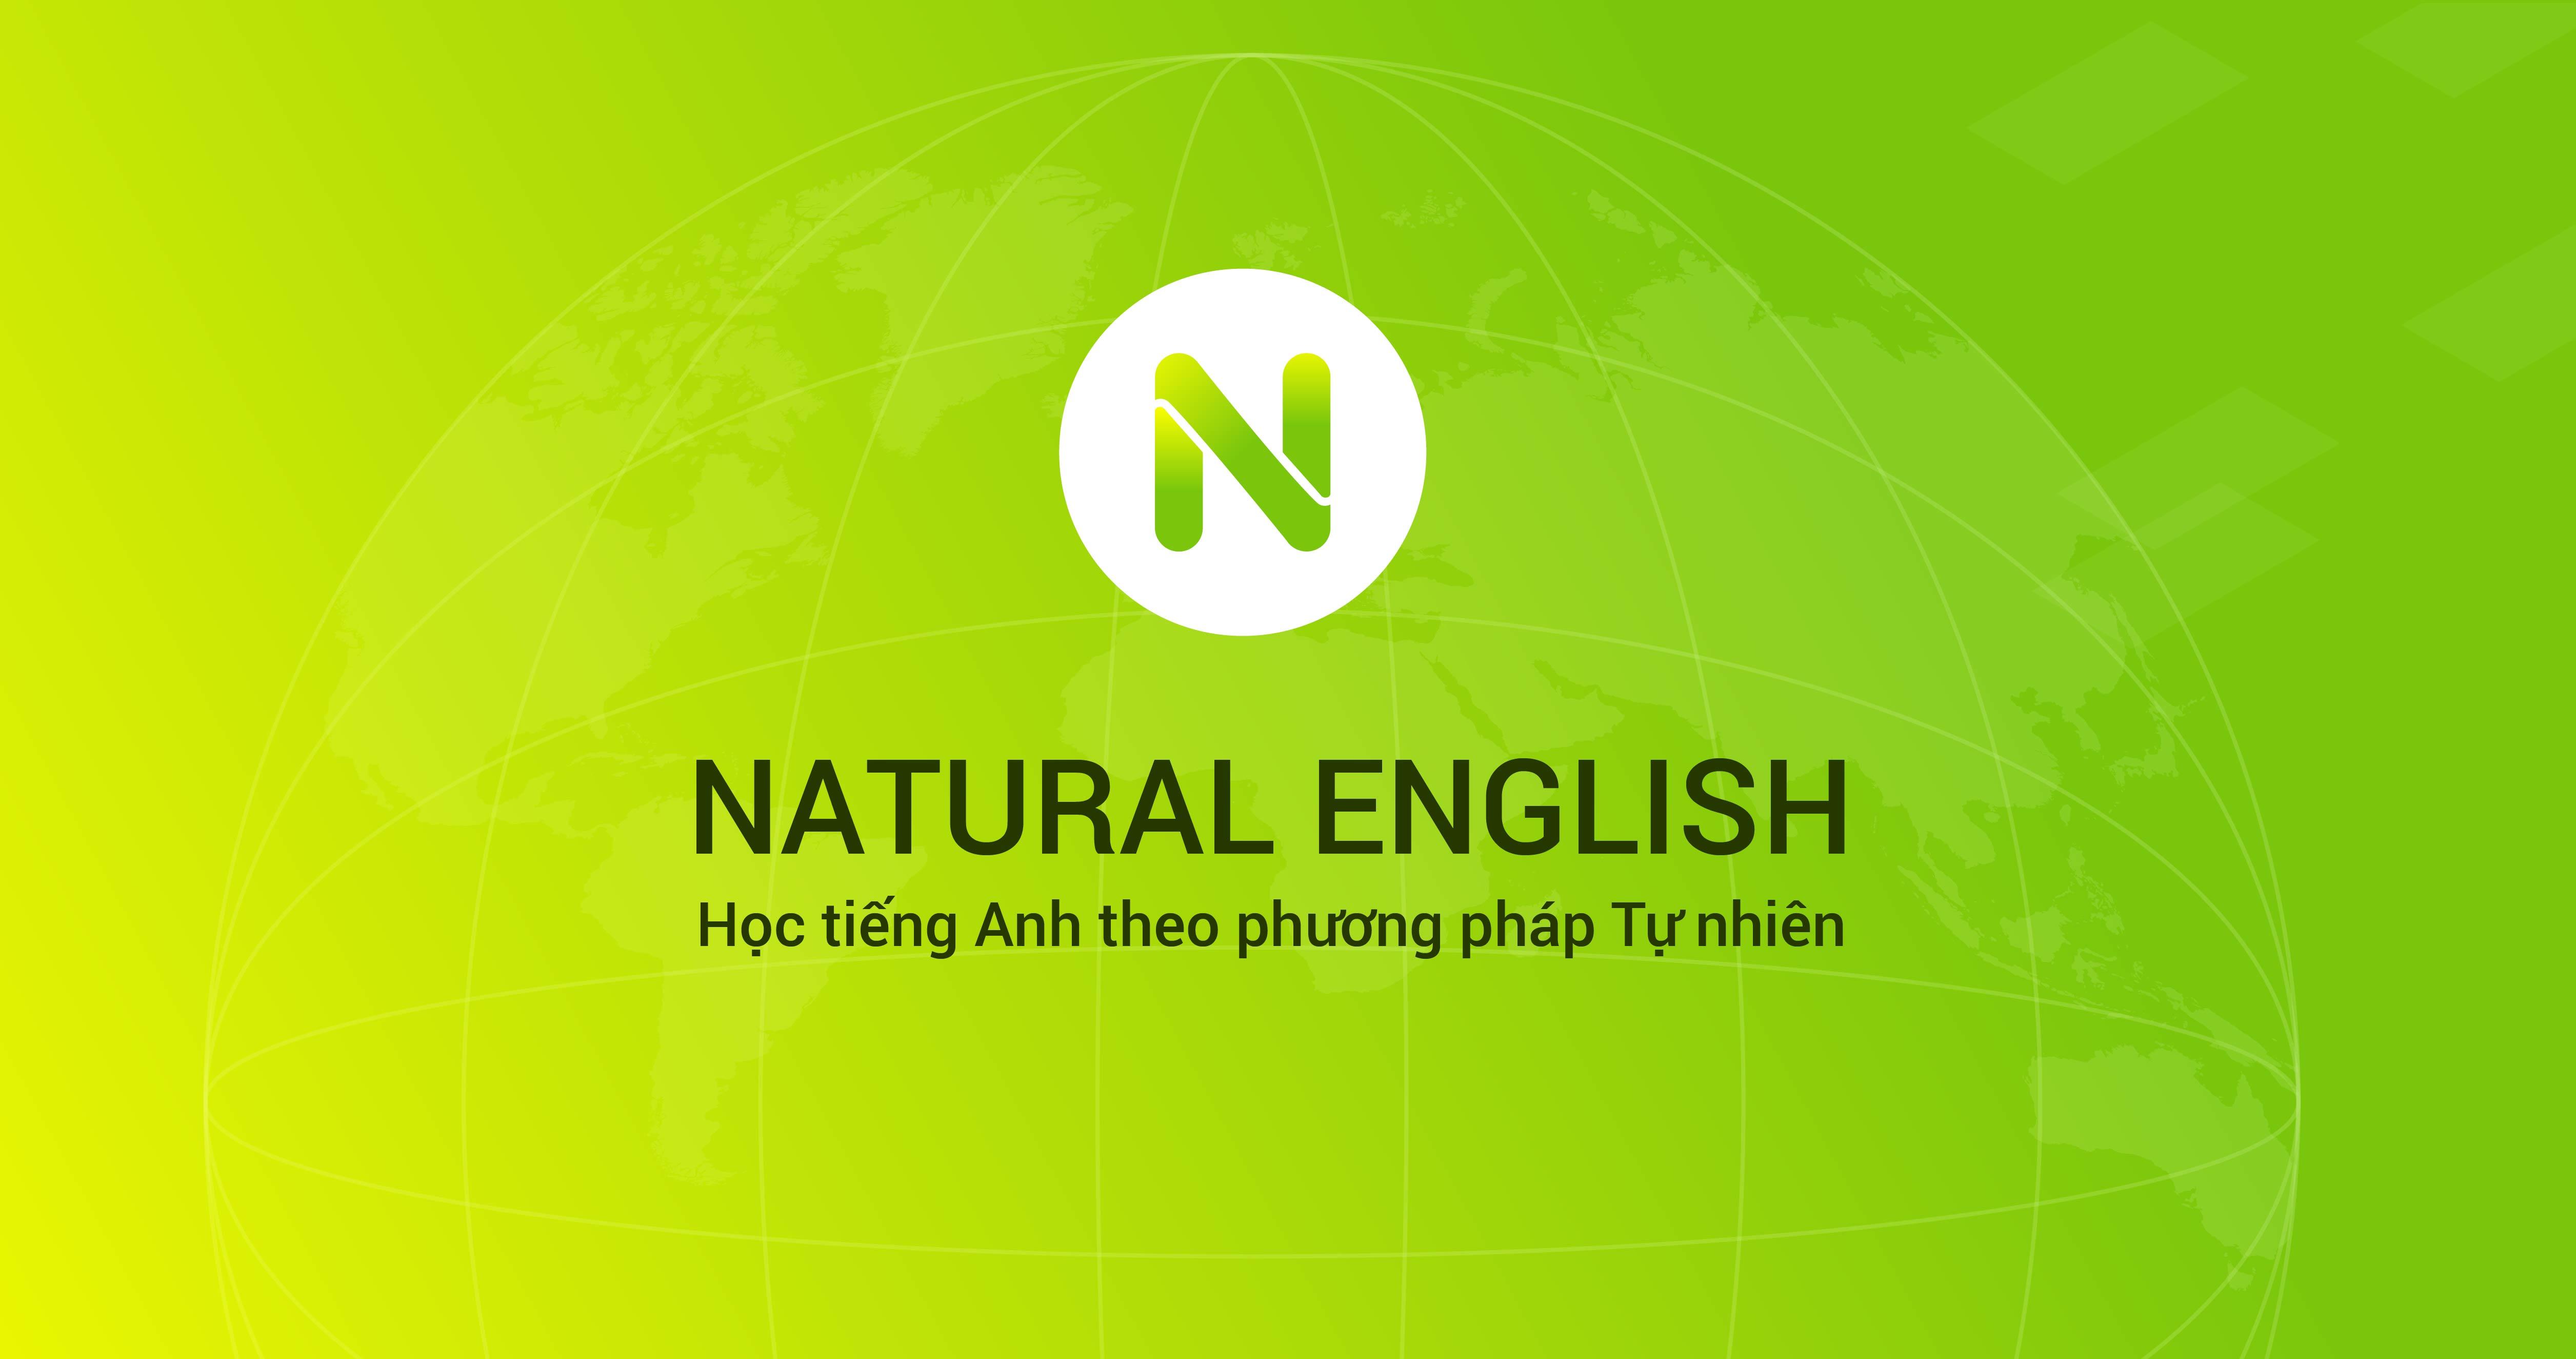 Natural English: Học tiếng Anh giao tiếp theo phương pháp tiếp cận ngôn ngữ tự nhiên